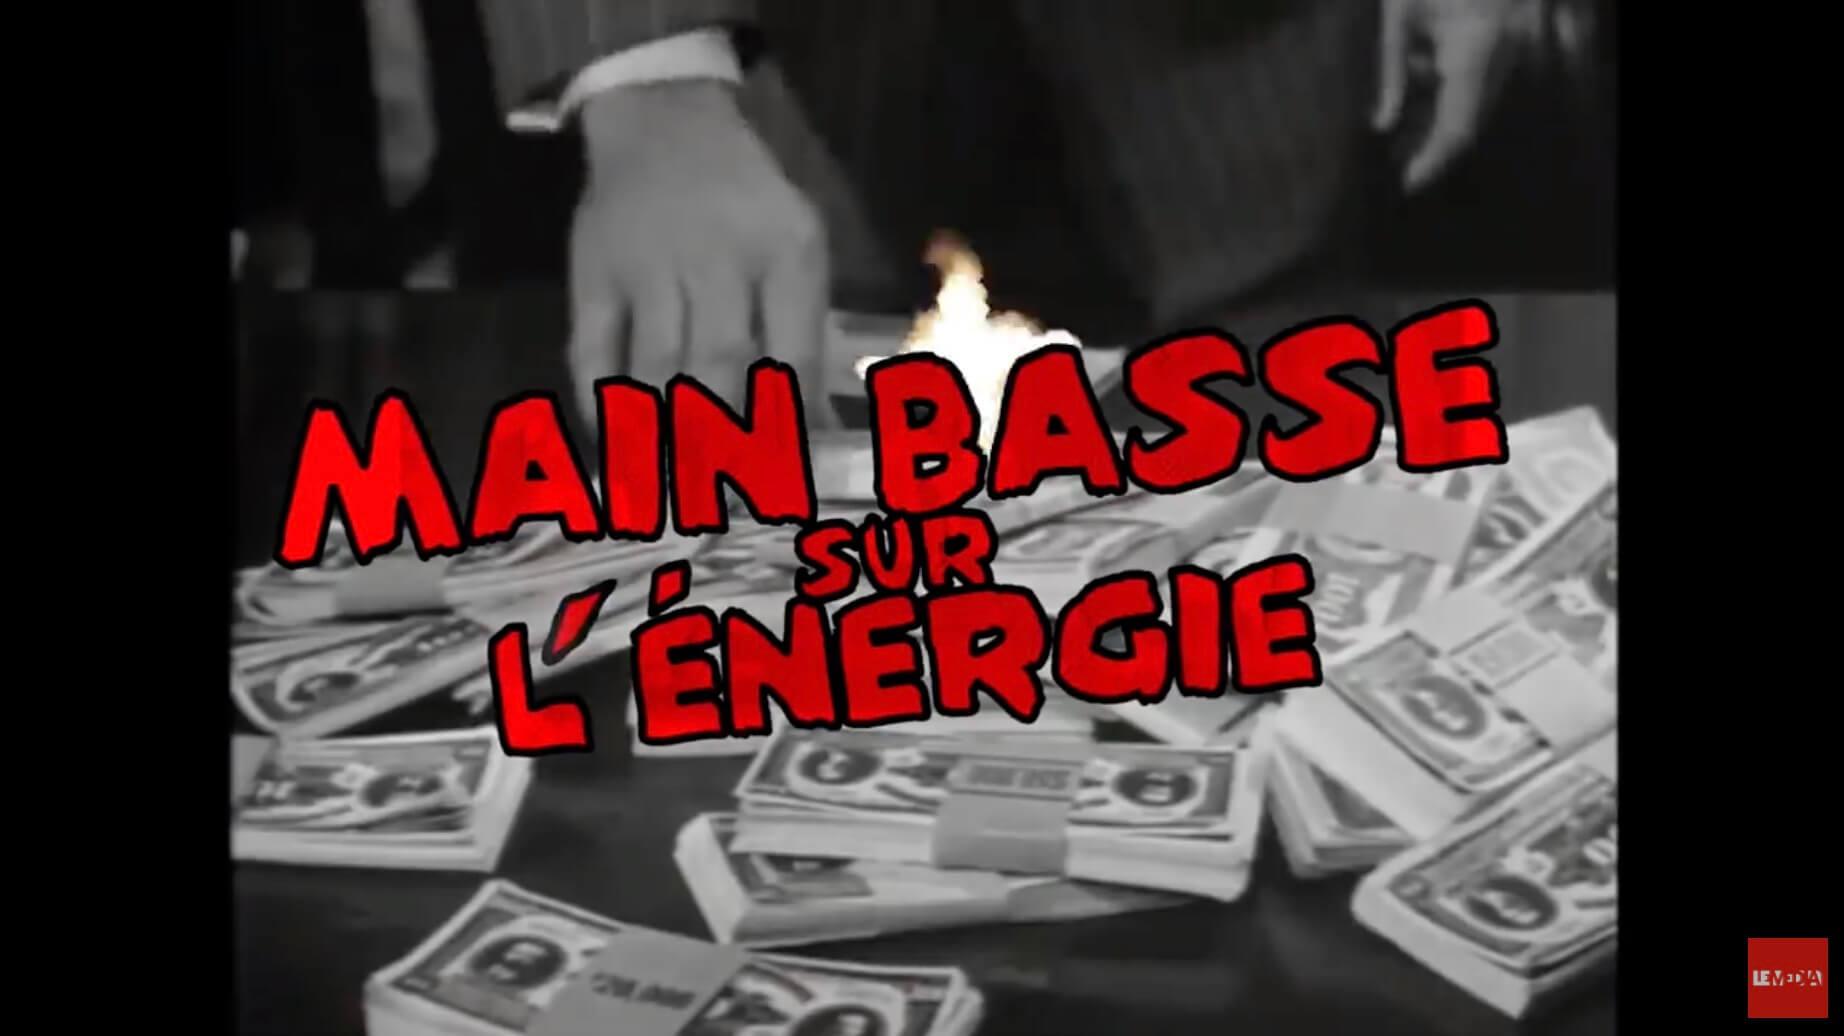 Main basse sur l'énergie | Energies Renouvelables | Collectif Eco-Solidaire Corée Taïwan